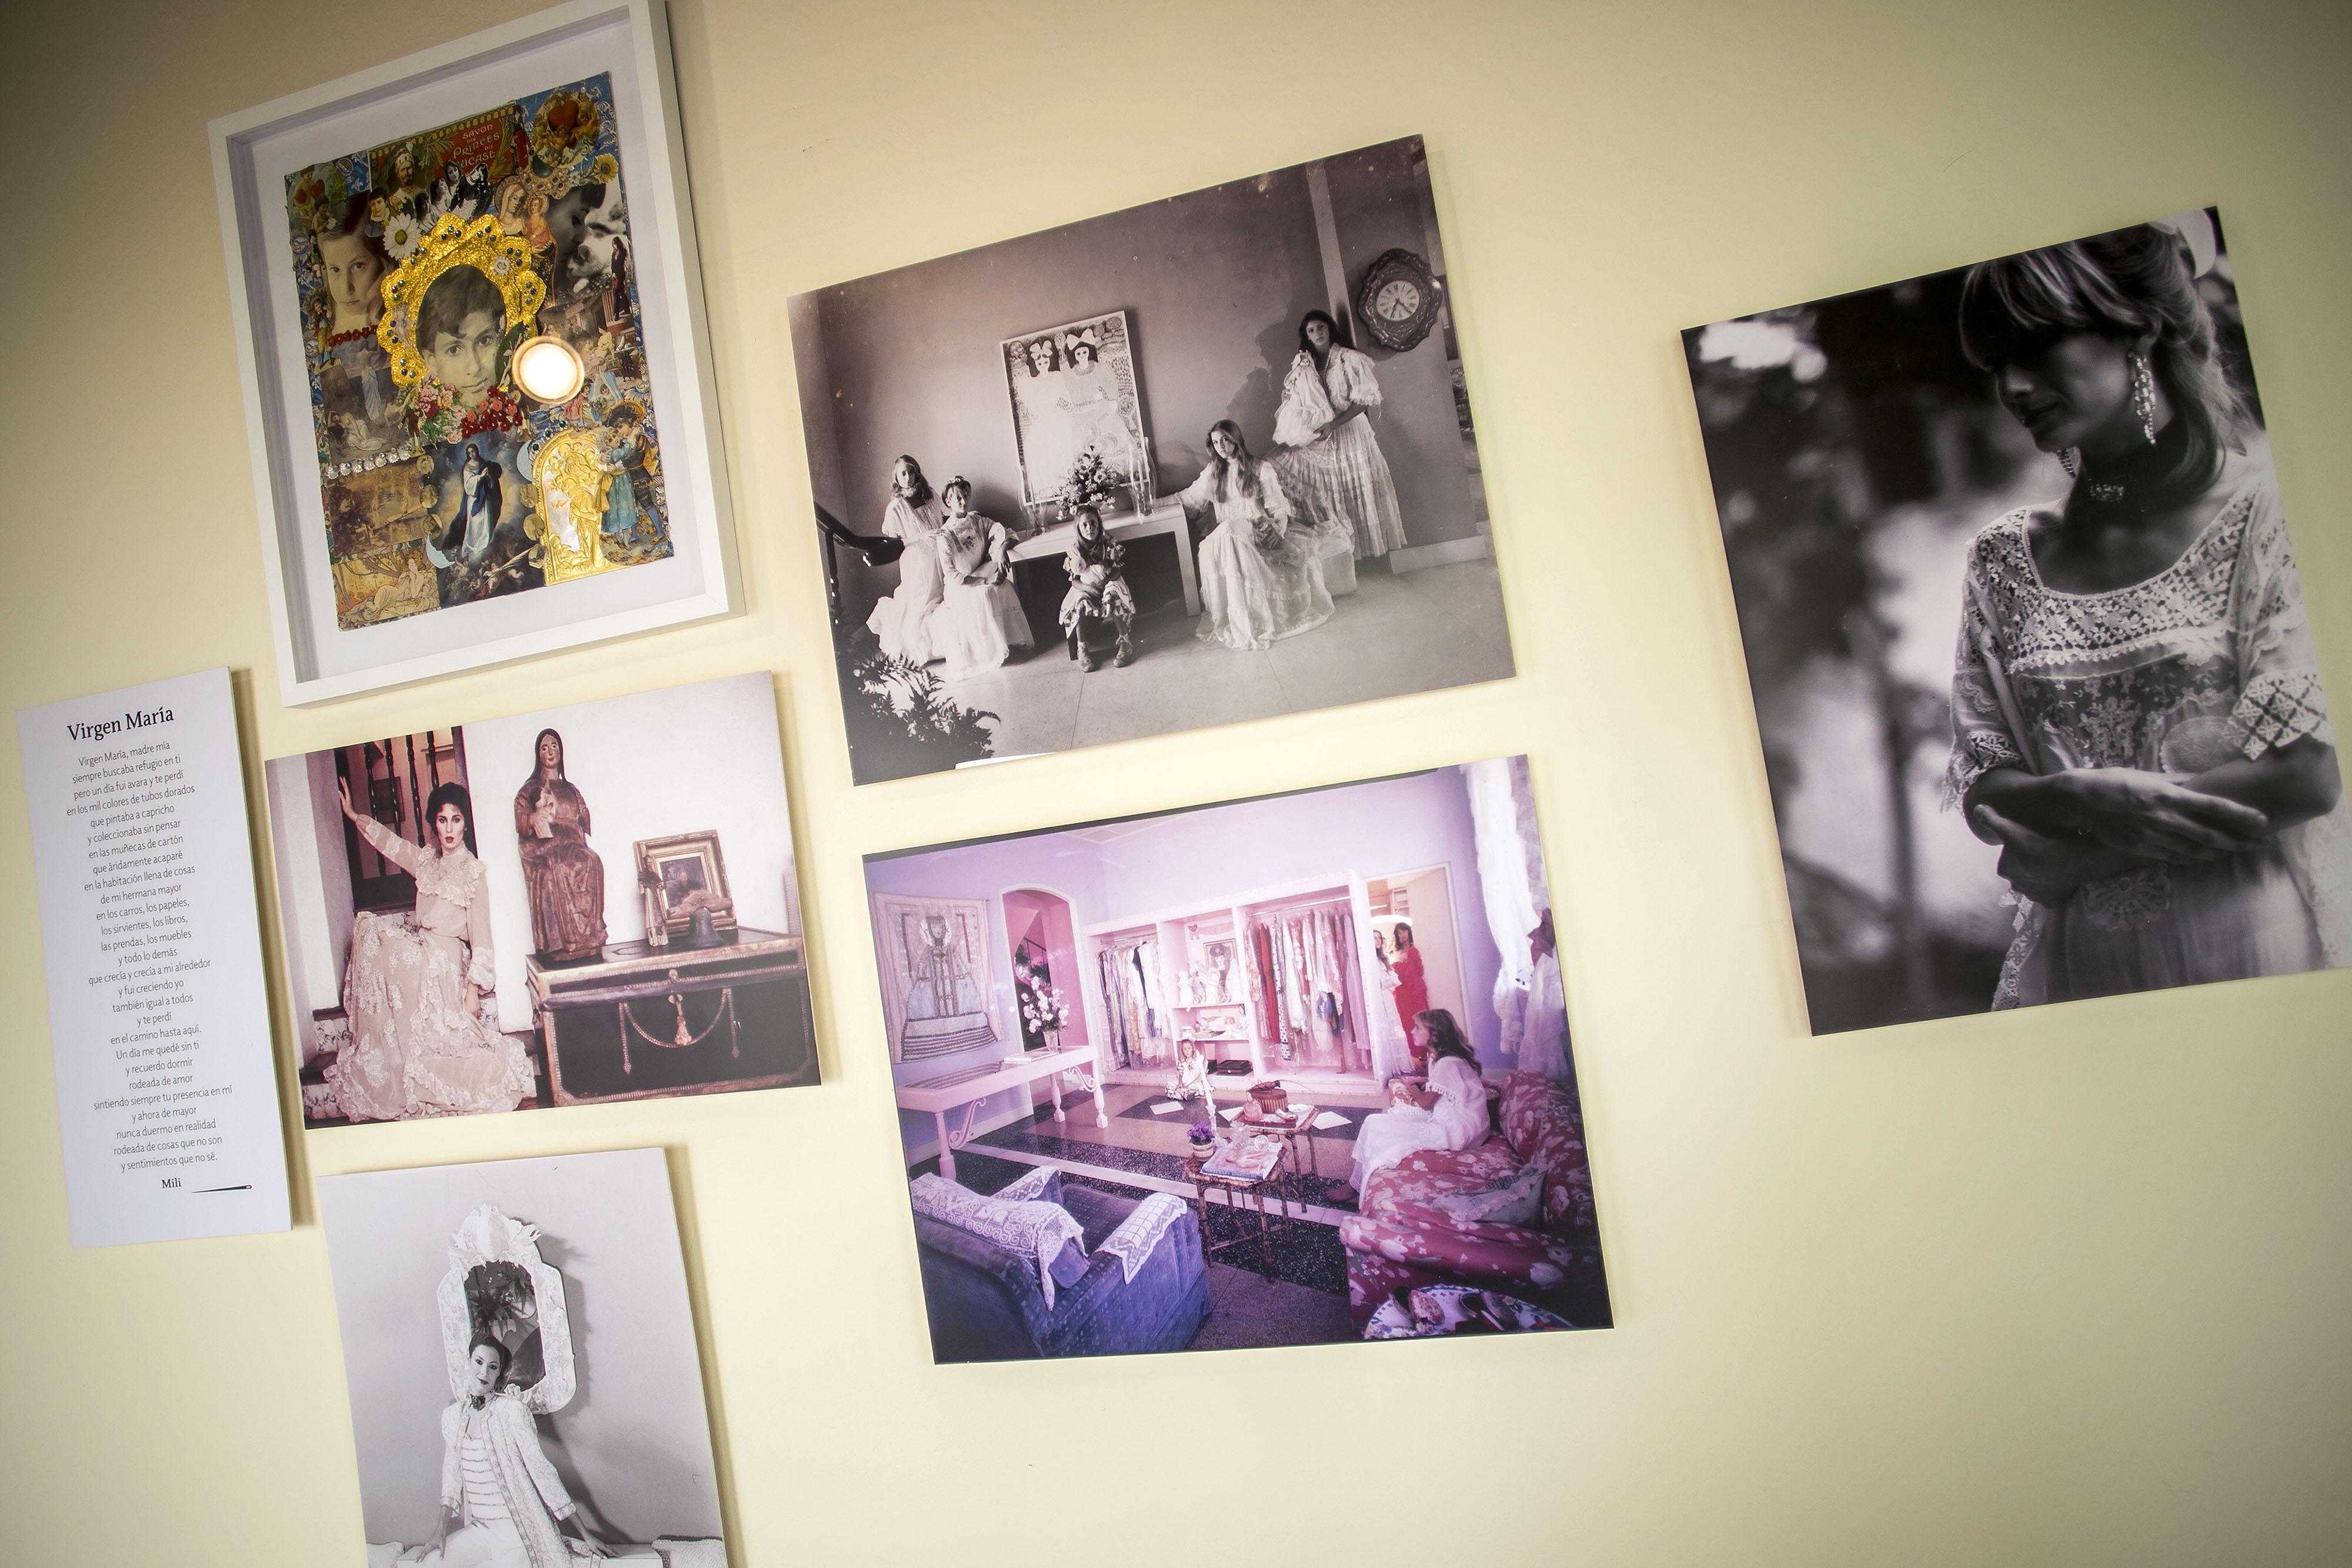 """Arango fue la primera diseñadora puertorriqueña que tuvo colección """"pret a porter"""" en las tiendas por departamento puertorriqueñas, González Padín. Además, sus prendas de vestir acapararon las vitrinas de la reconocida cadena estadounidense Bloomingdale's. (Foto: Xavier García)"""